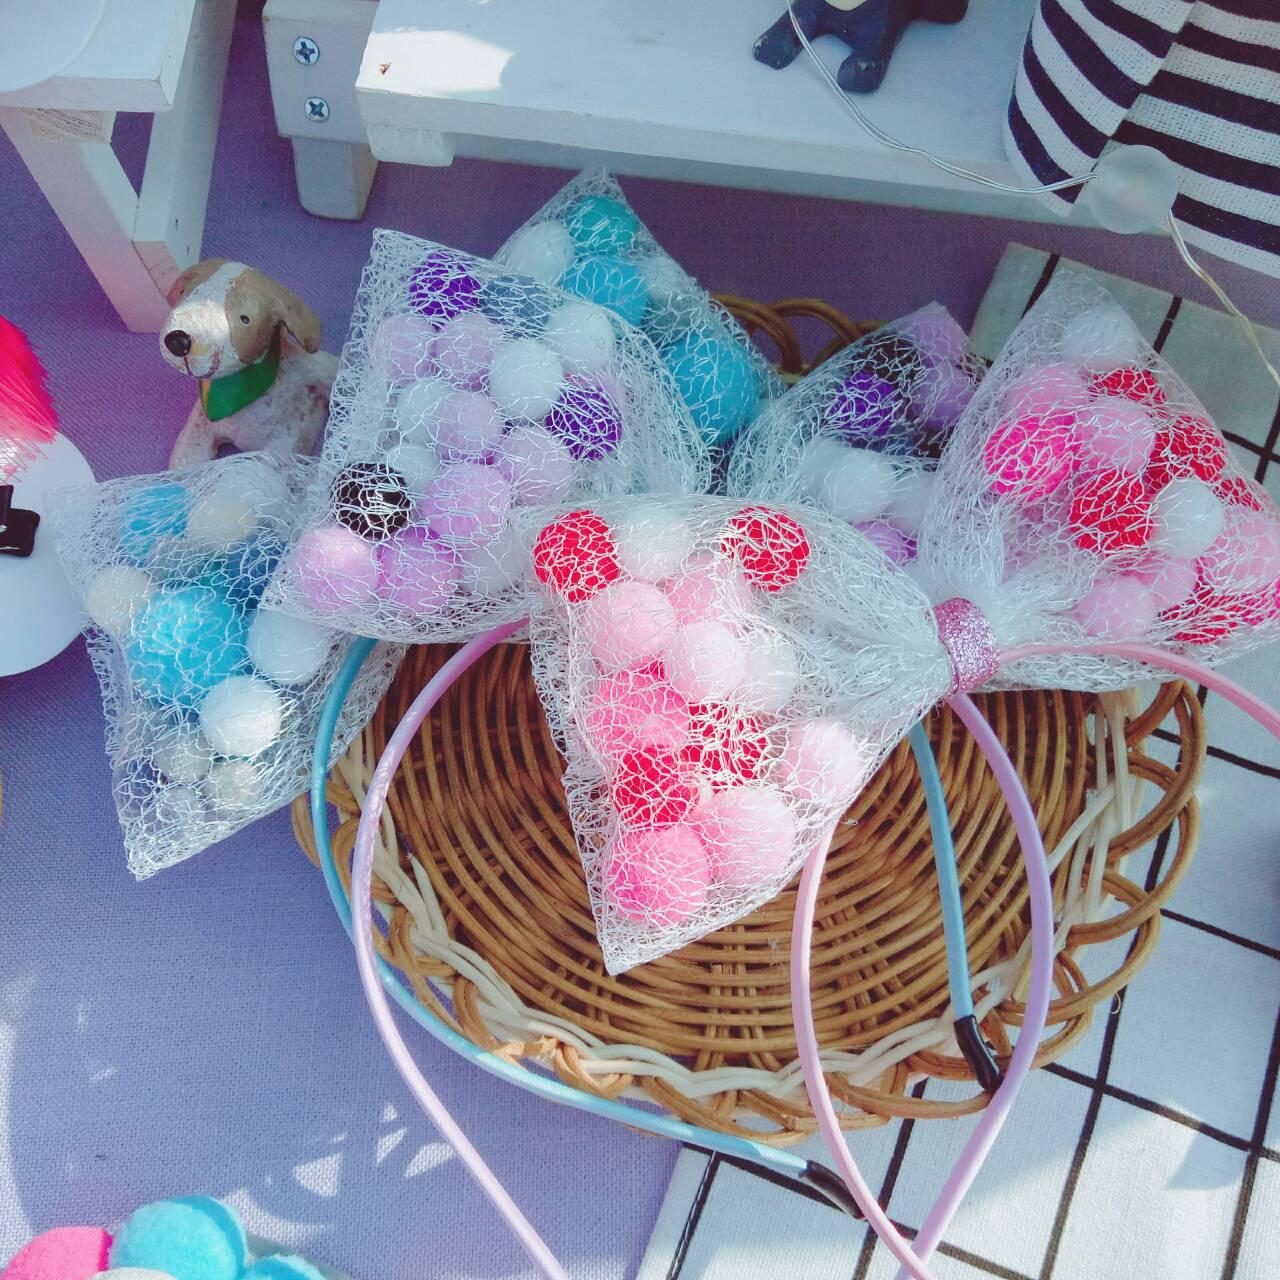 | 毛球蝴蝶結髮箍-手作體驗課 |  一起製作女孩們夢寐以求的毛球蝴蝶結髮箍!  時間 | 14:00~15:00 地點 | 咩兔逛花園 攤位